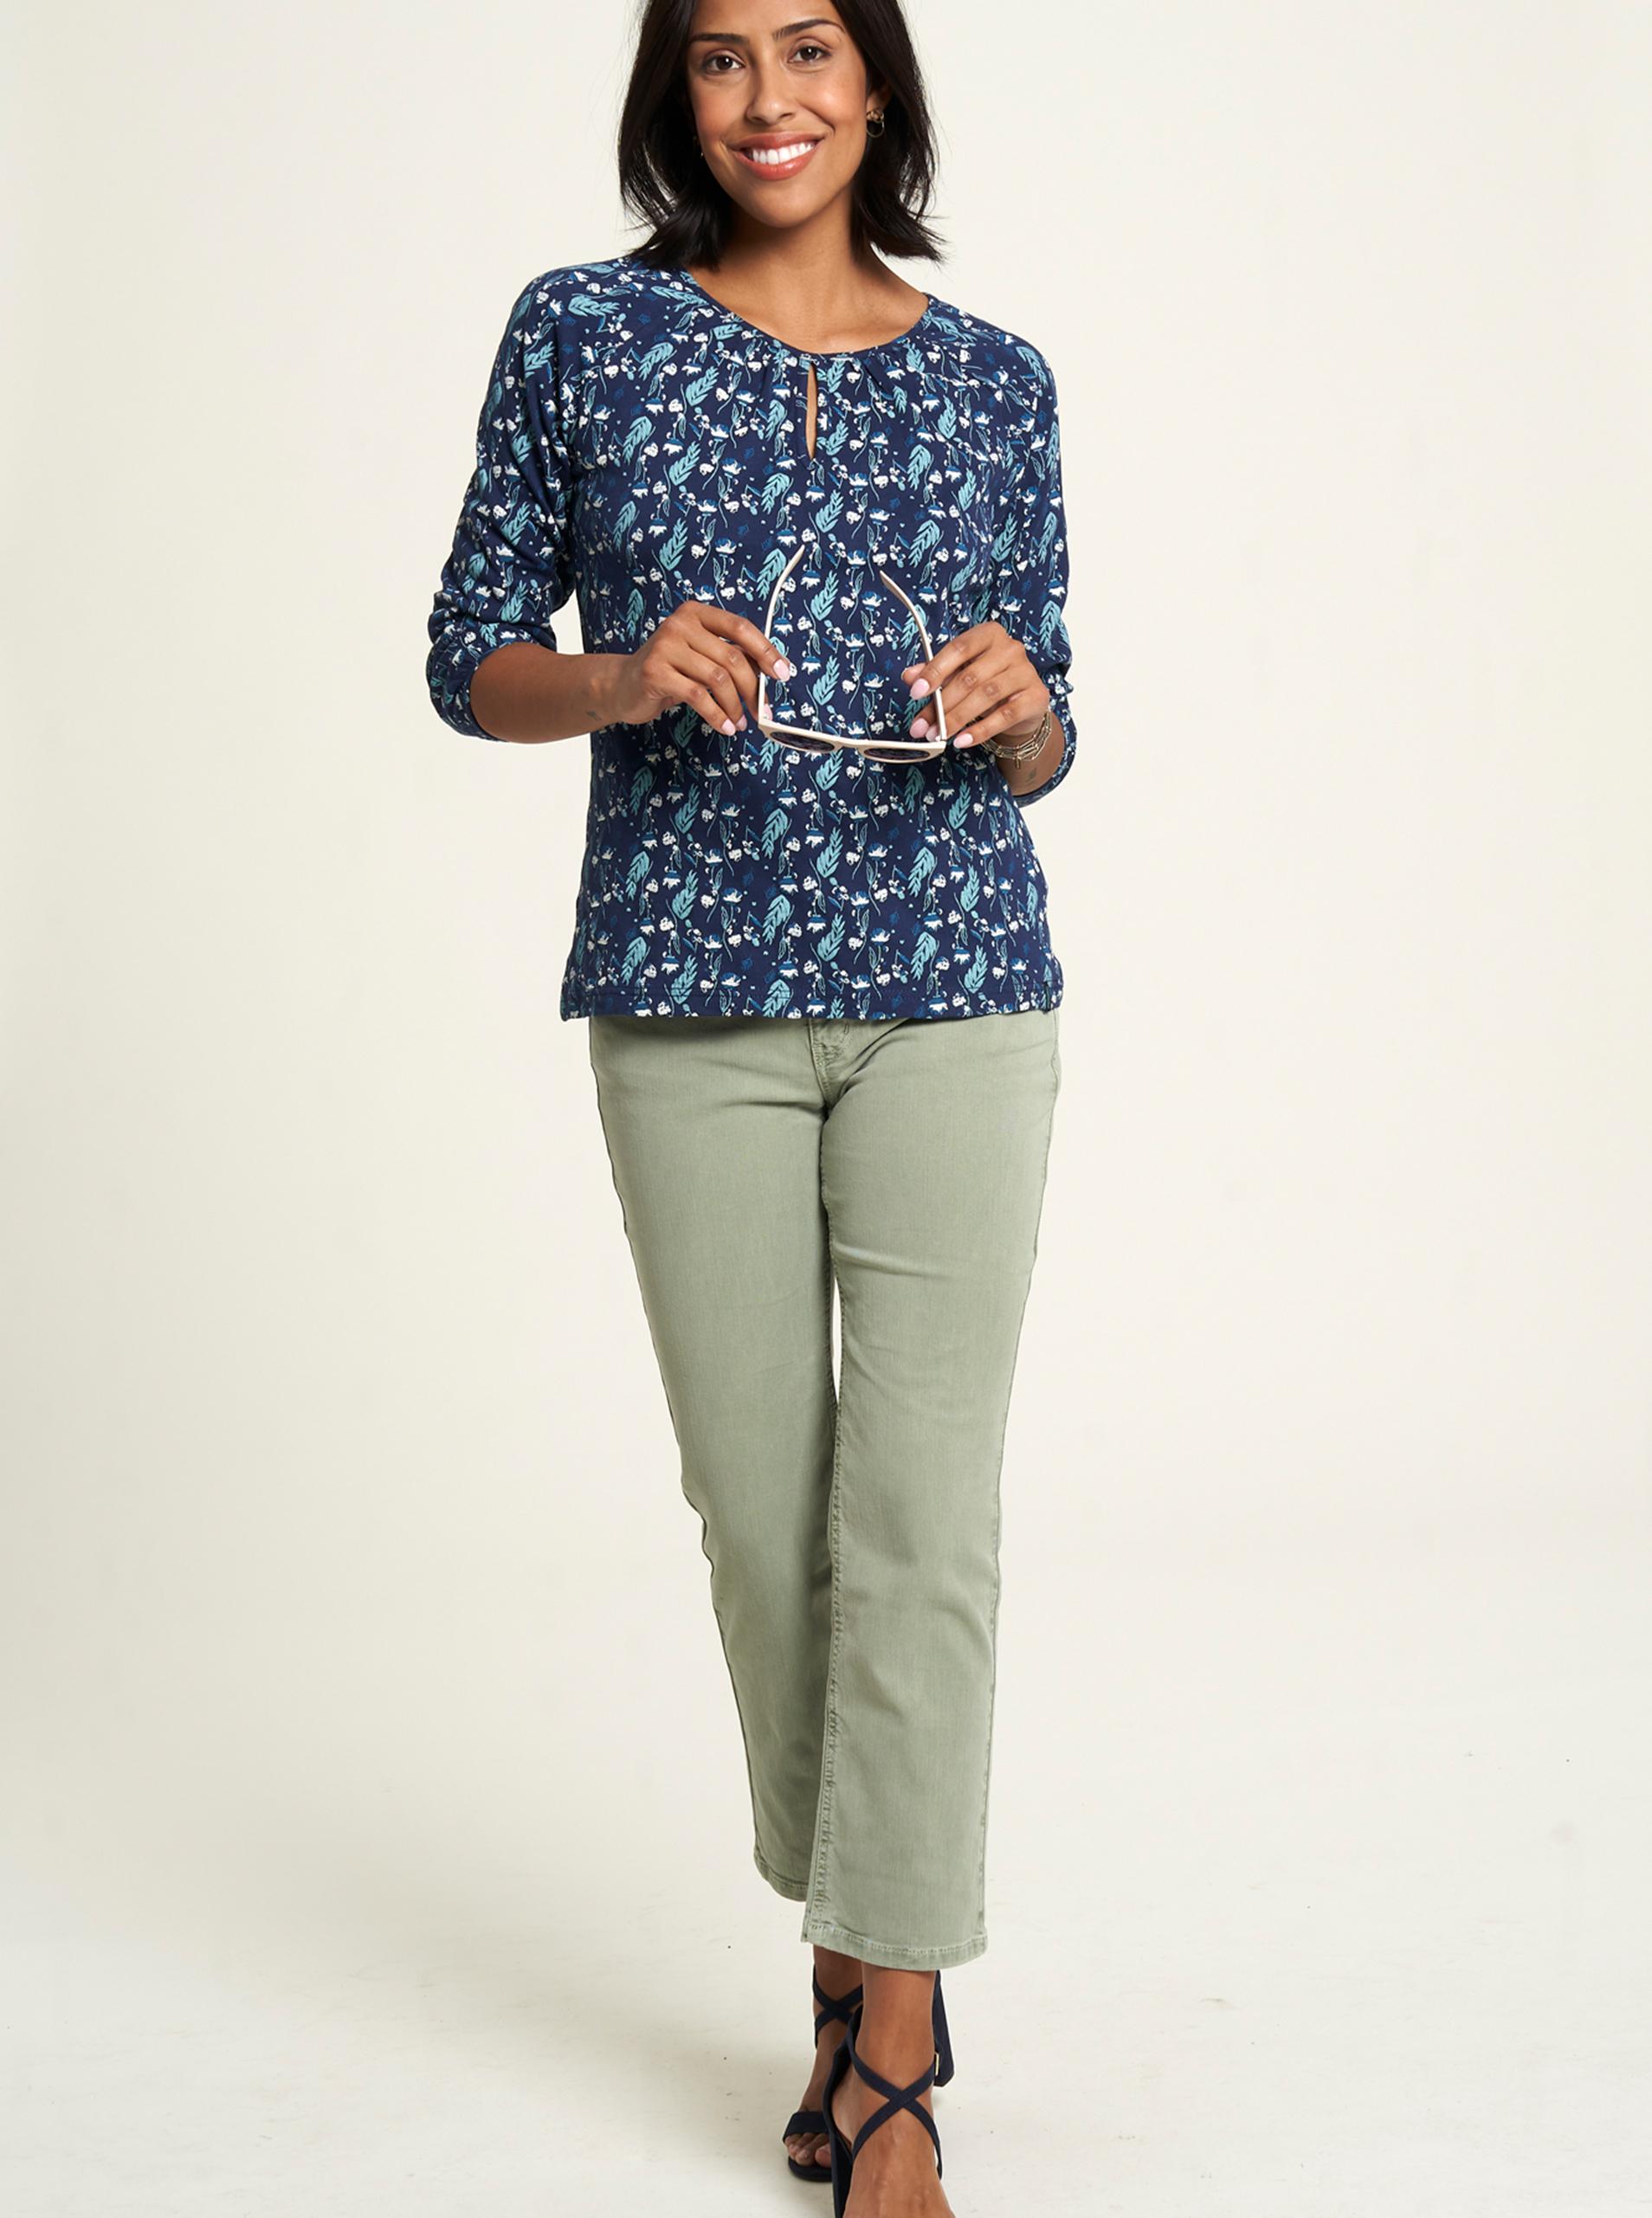 Tranquillo modré tričko s květinovým motivem